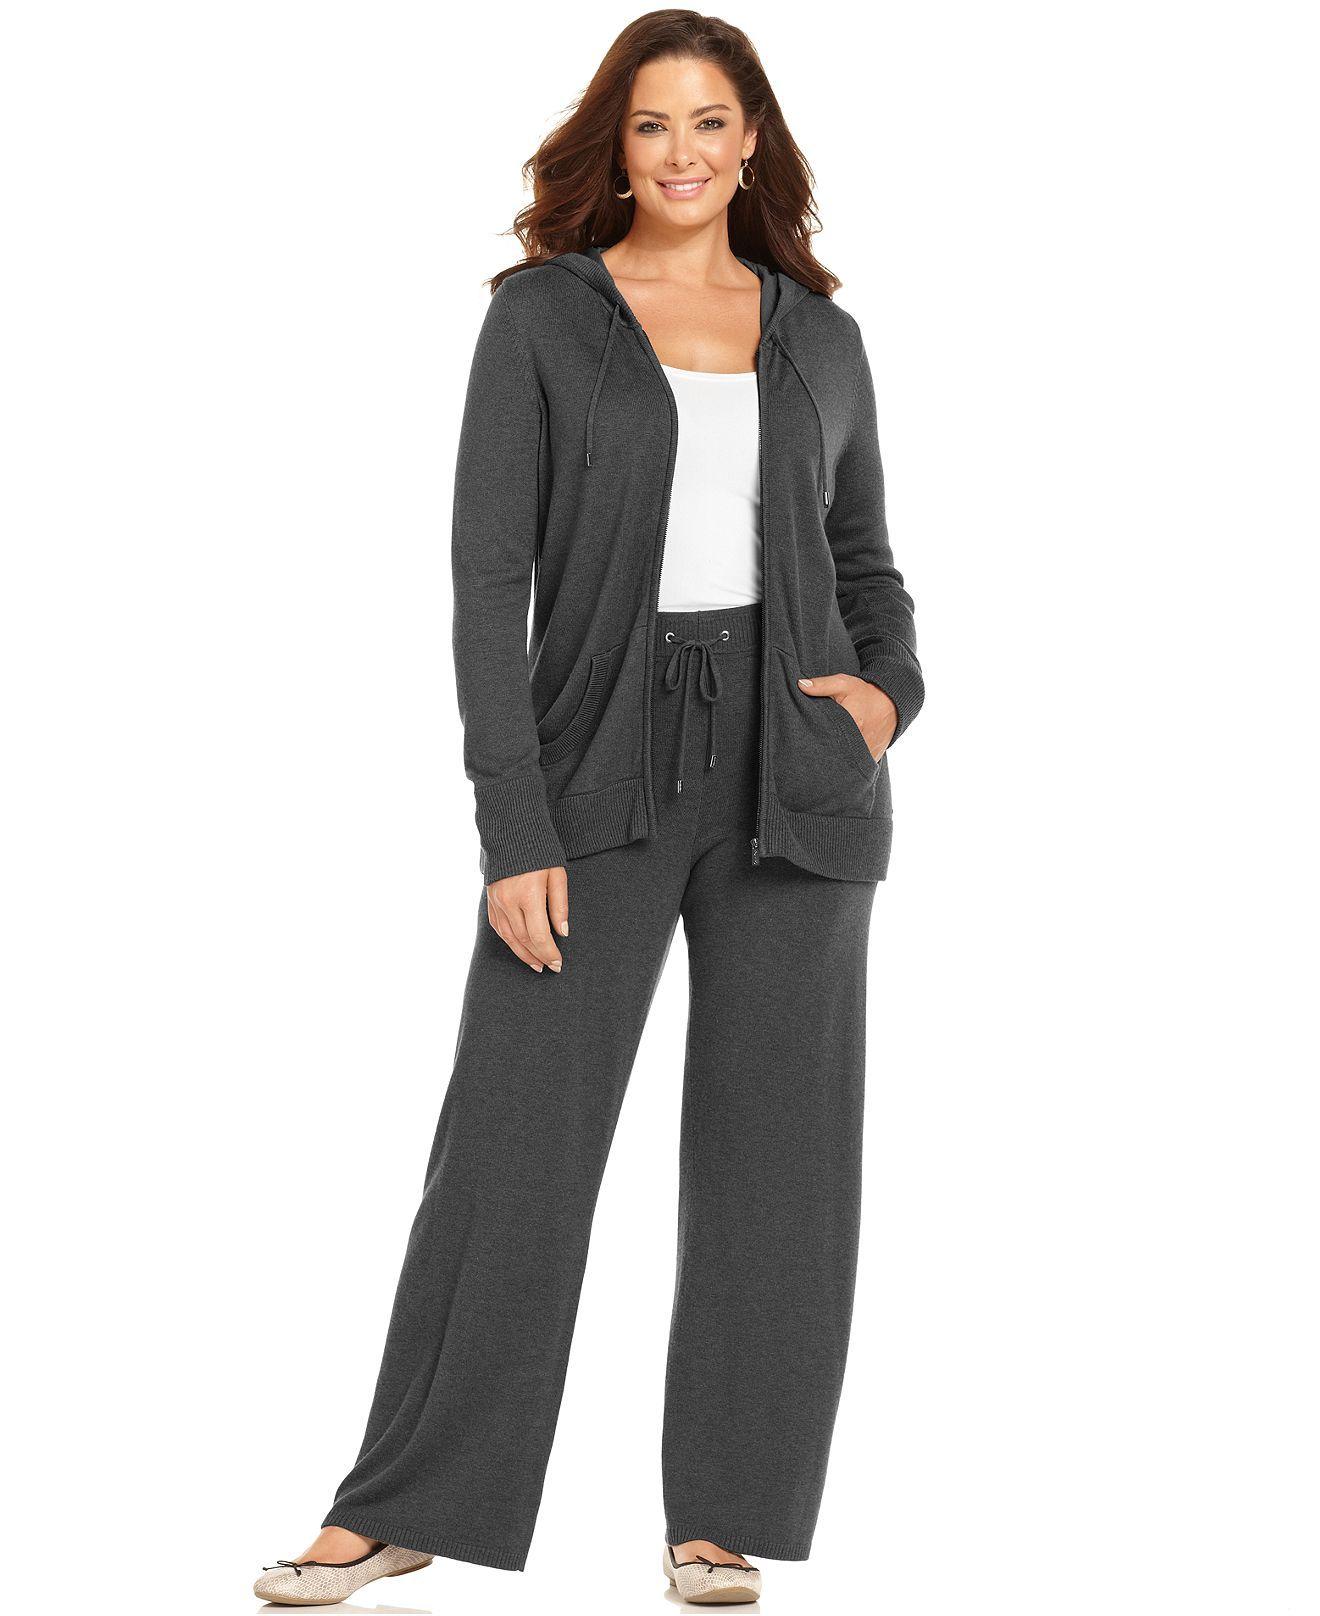 Calvin Klein Plus Size Long-Sleeve Hoodie Sweater & Knit Drawstring Lounge Pants